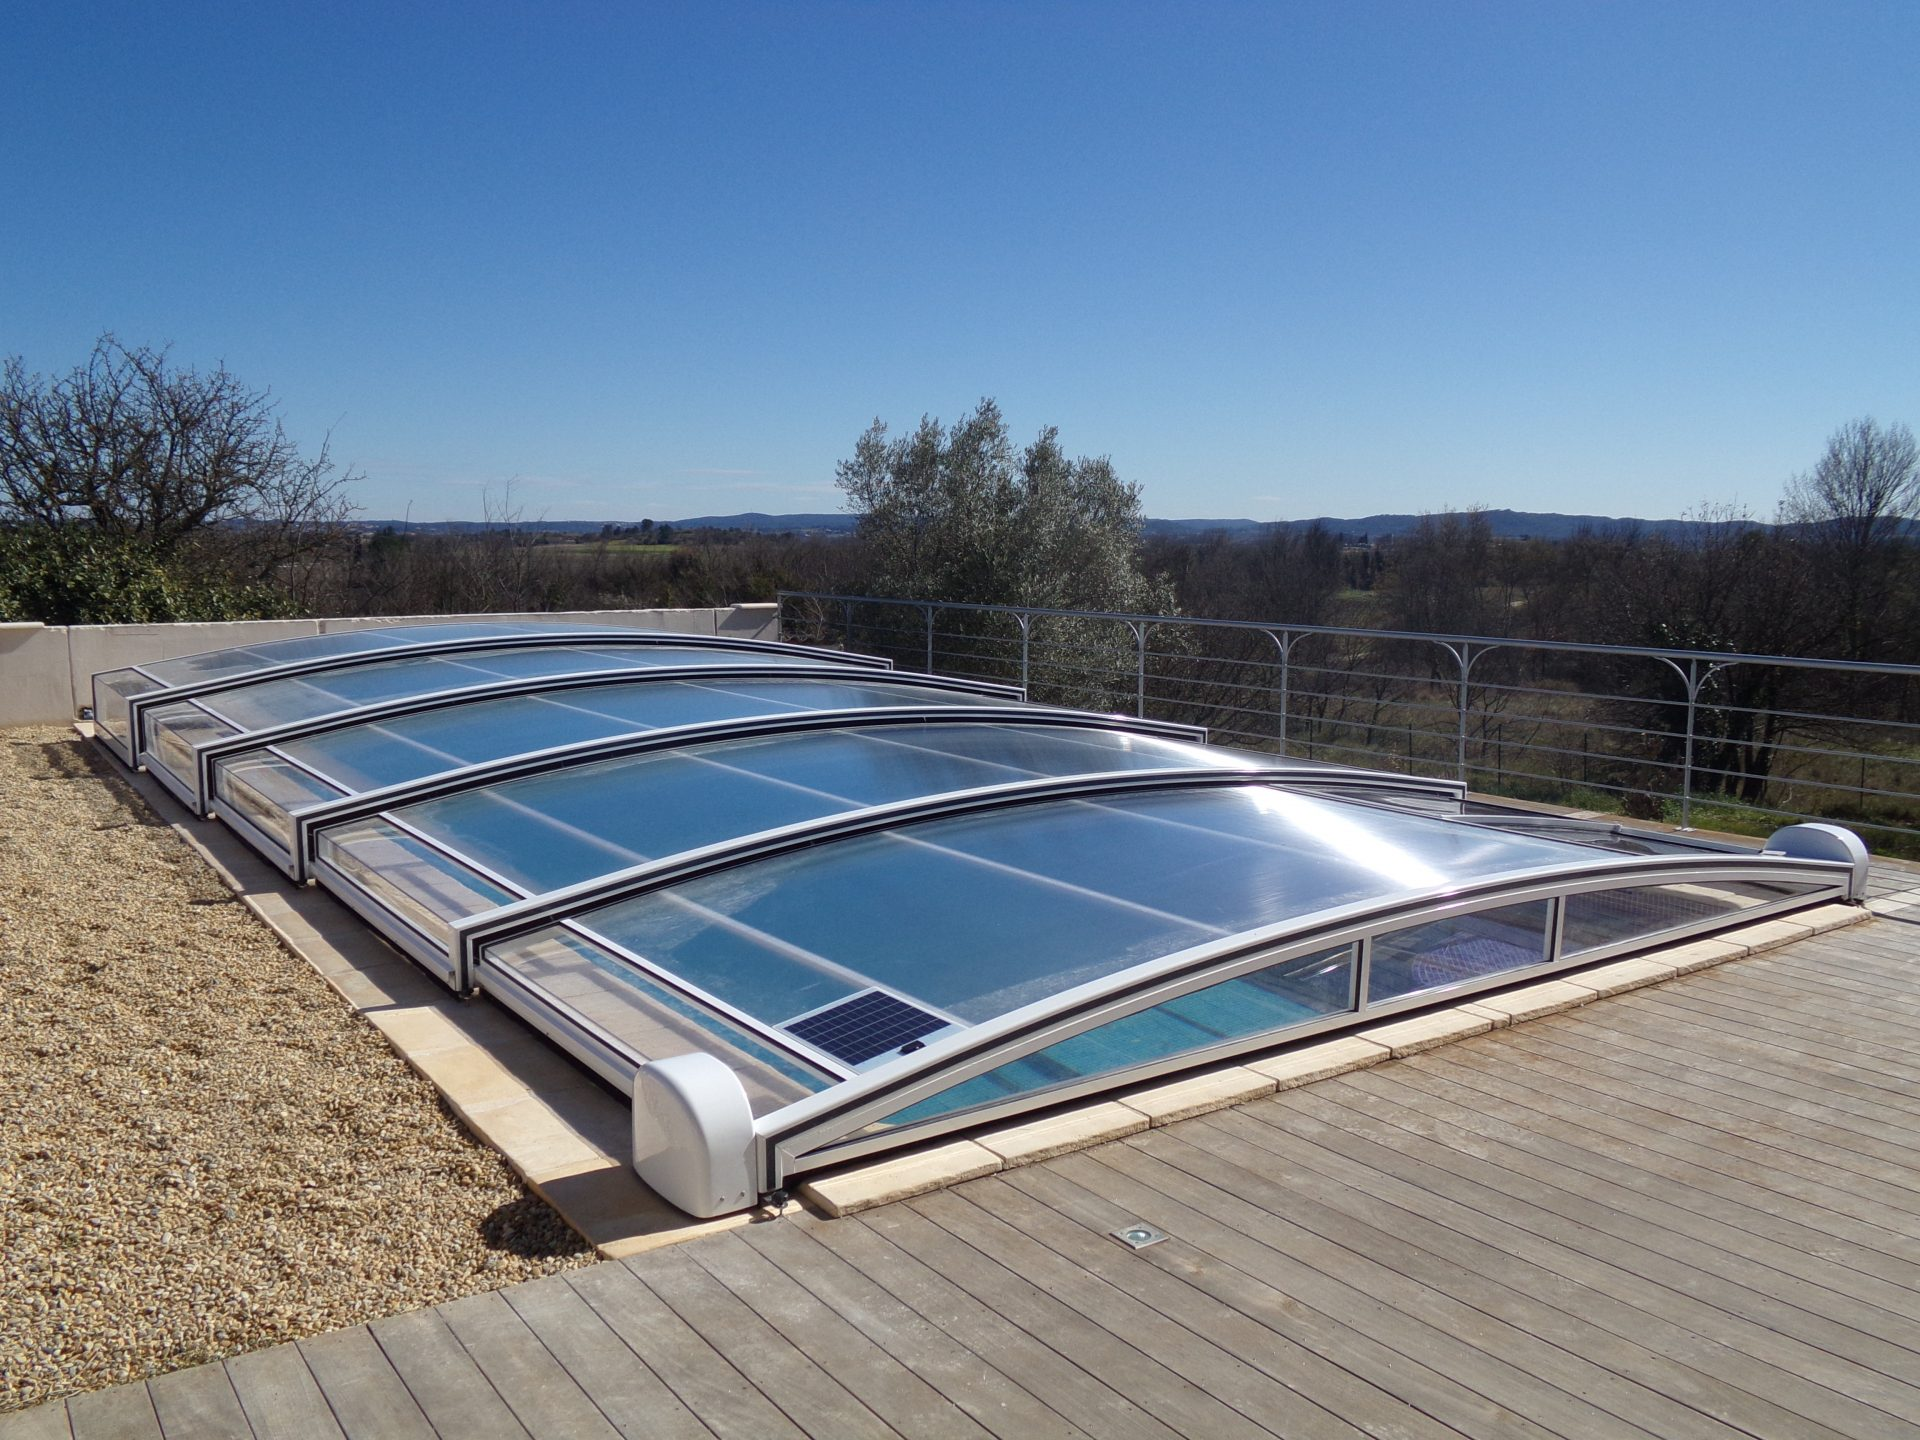 Abri pour piscine terrasse et spa nimes bel abri for Abri de piscine sans rail au sol